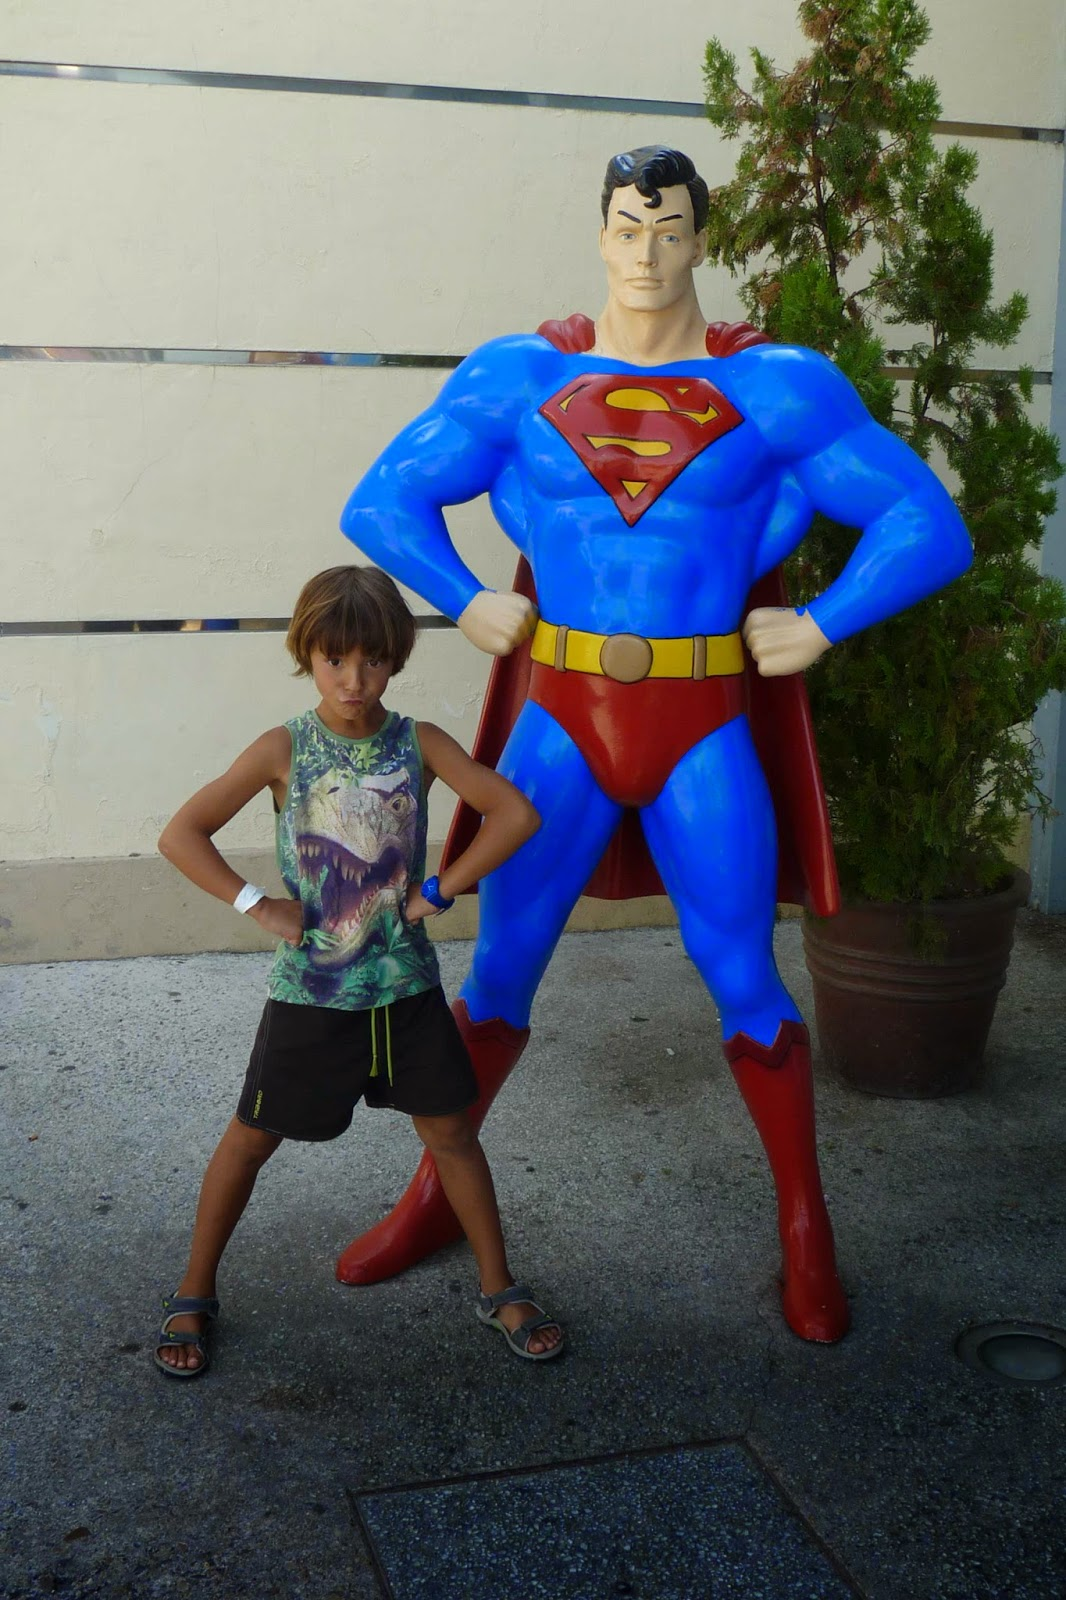 Superman la Atracción de Acero.